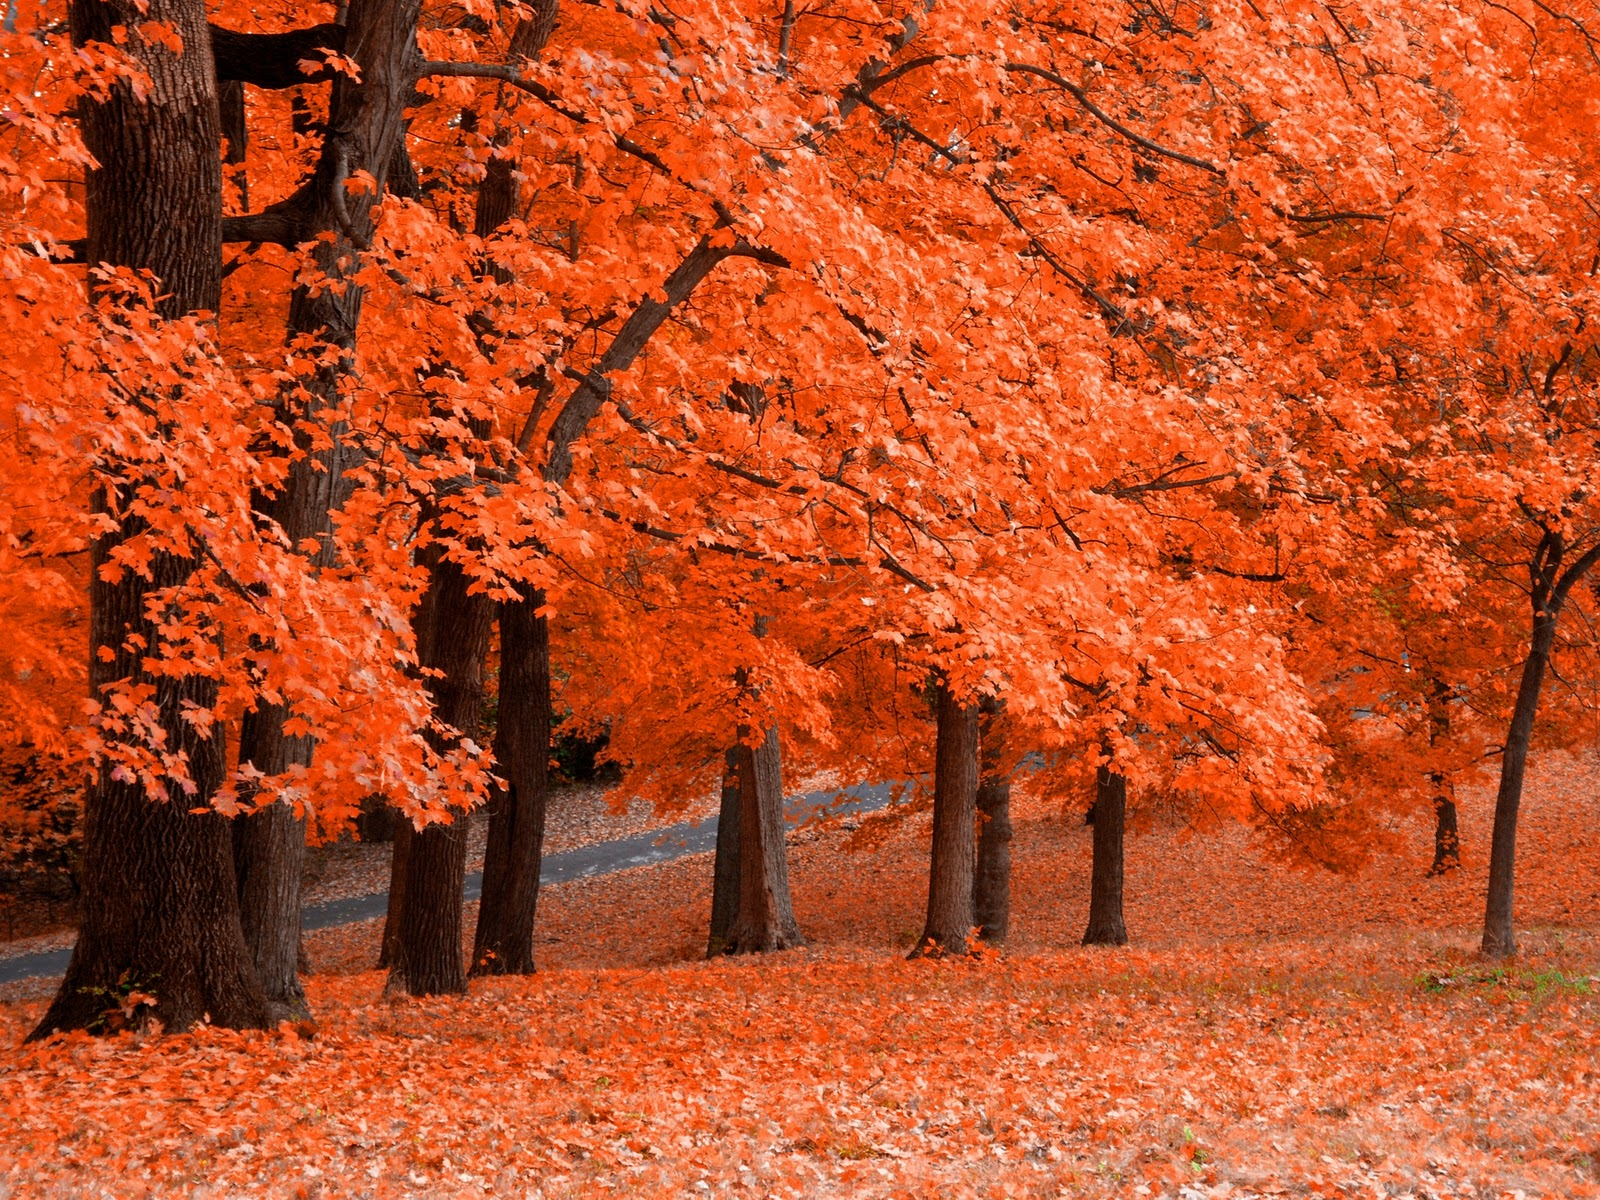 Gambar Pemandangan Musim Gugur yang Sangat Indah